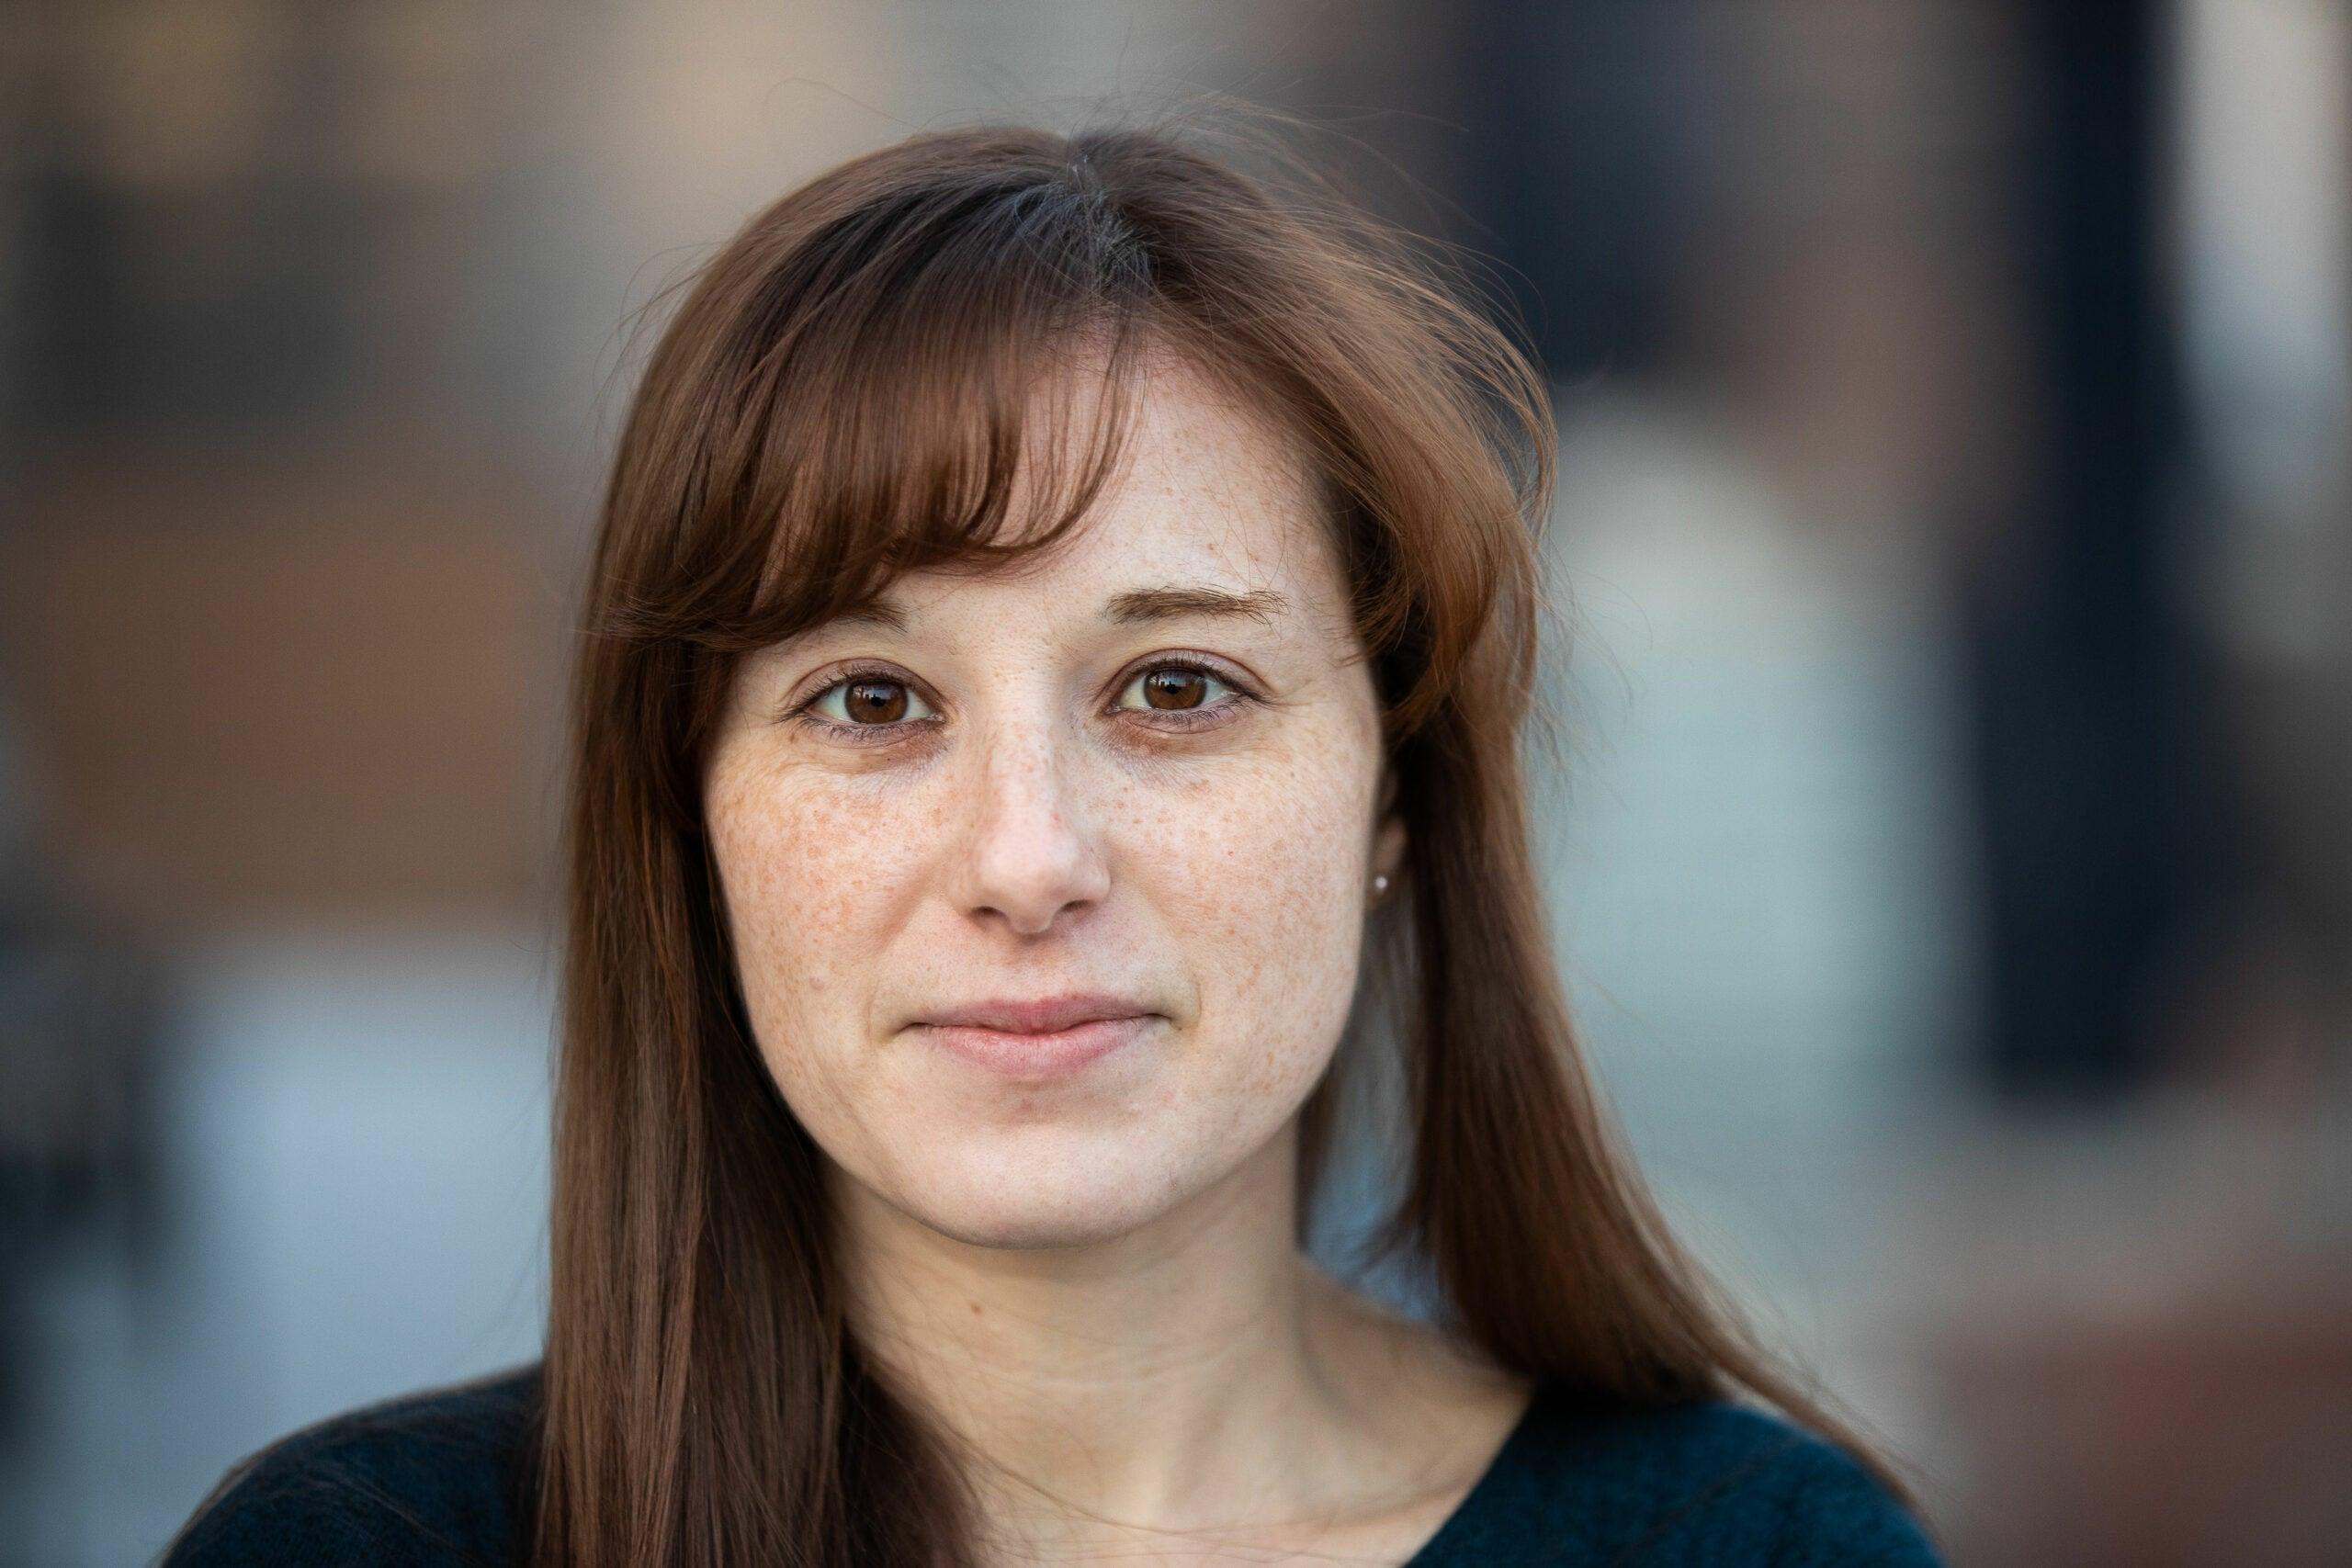 Claire Maldarelli